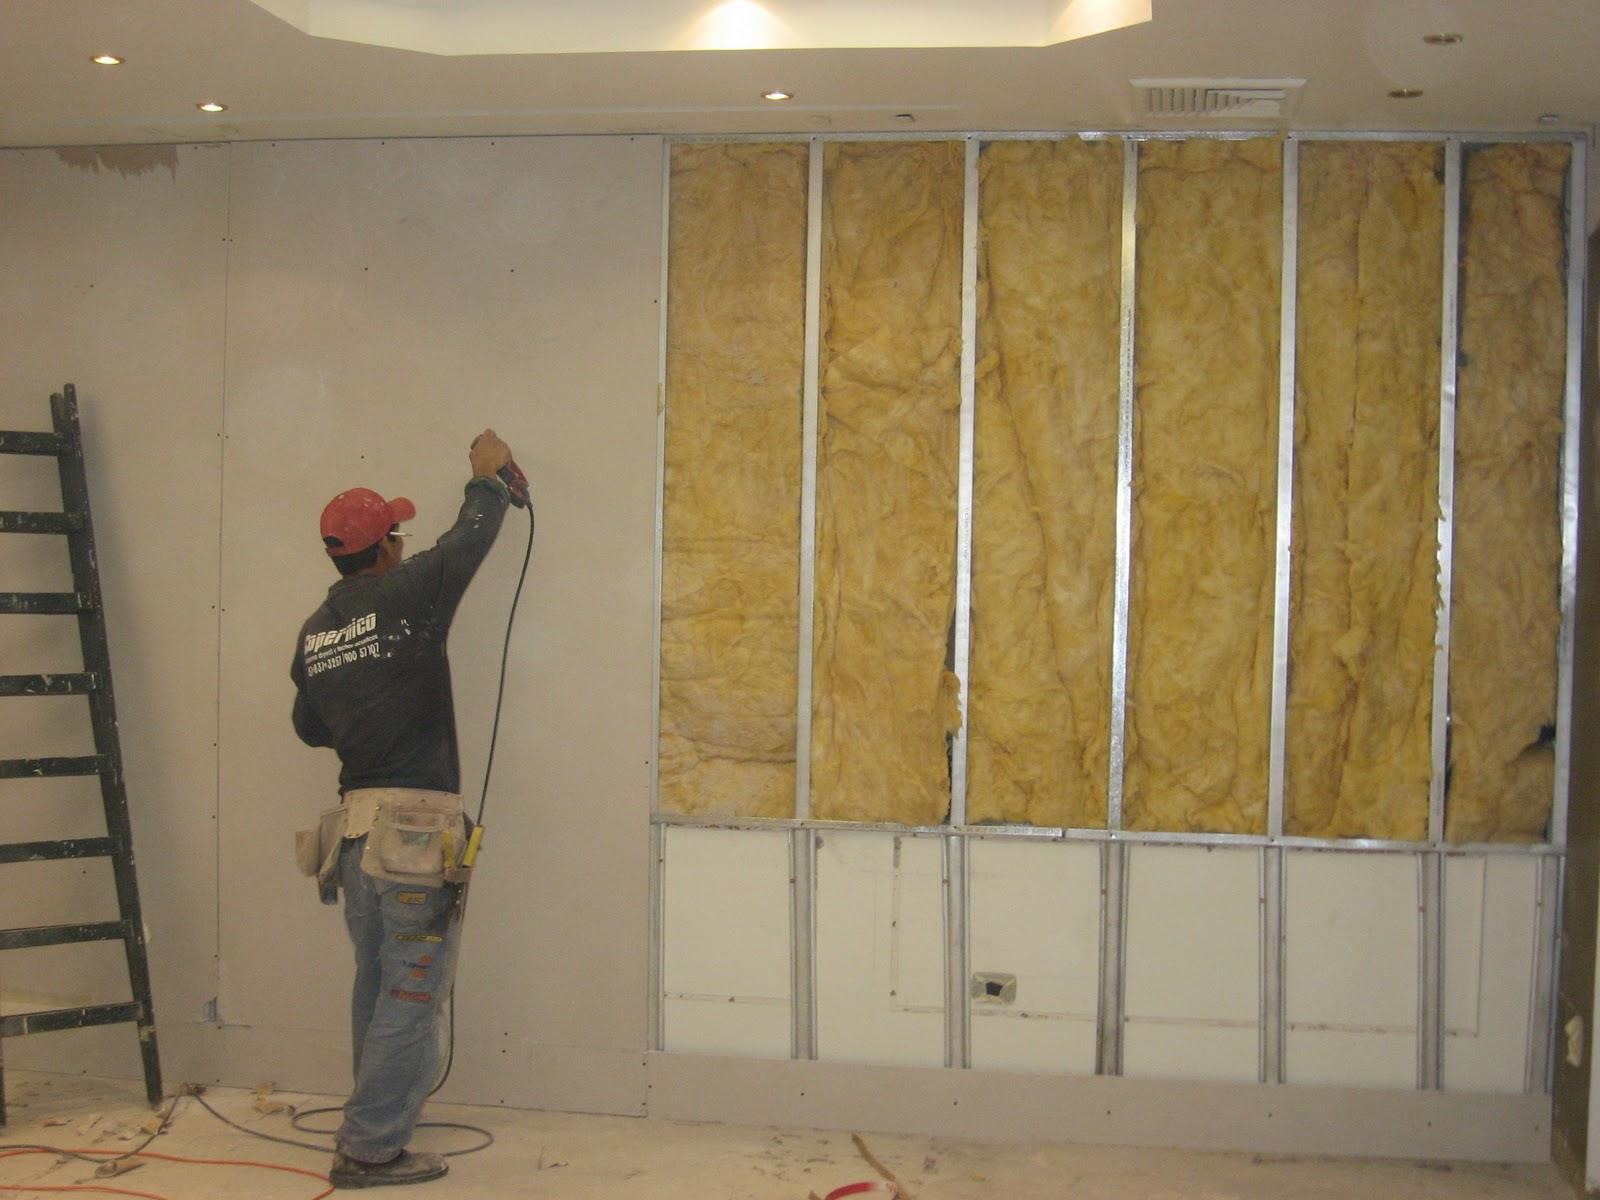 Vidrios espejos toberin mazuren colina drywall for Como poner chirok en el techo